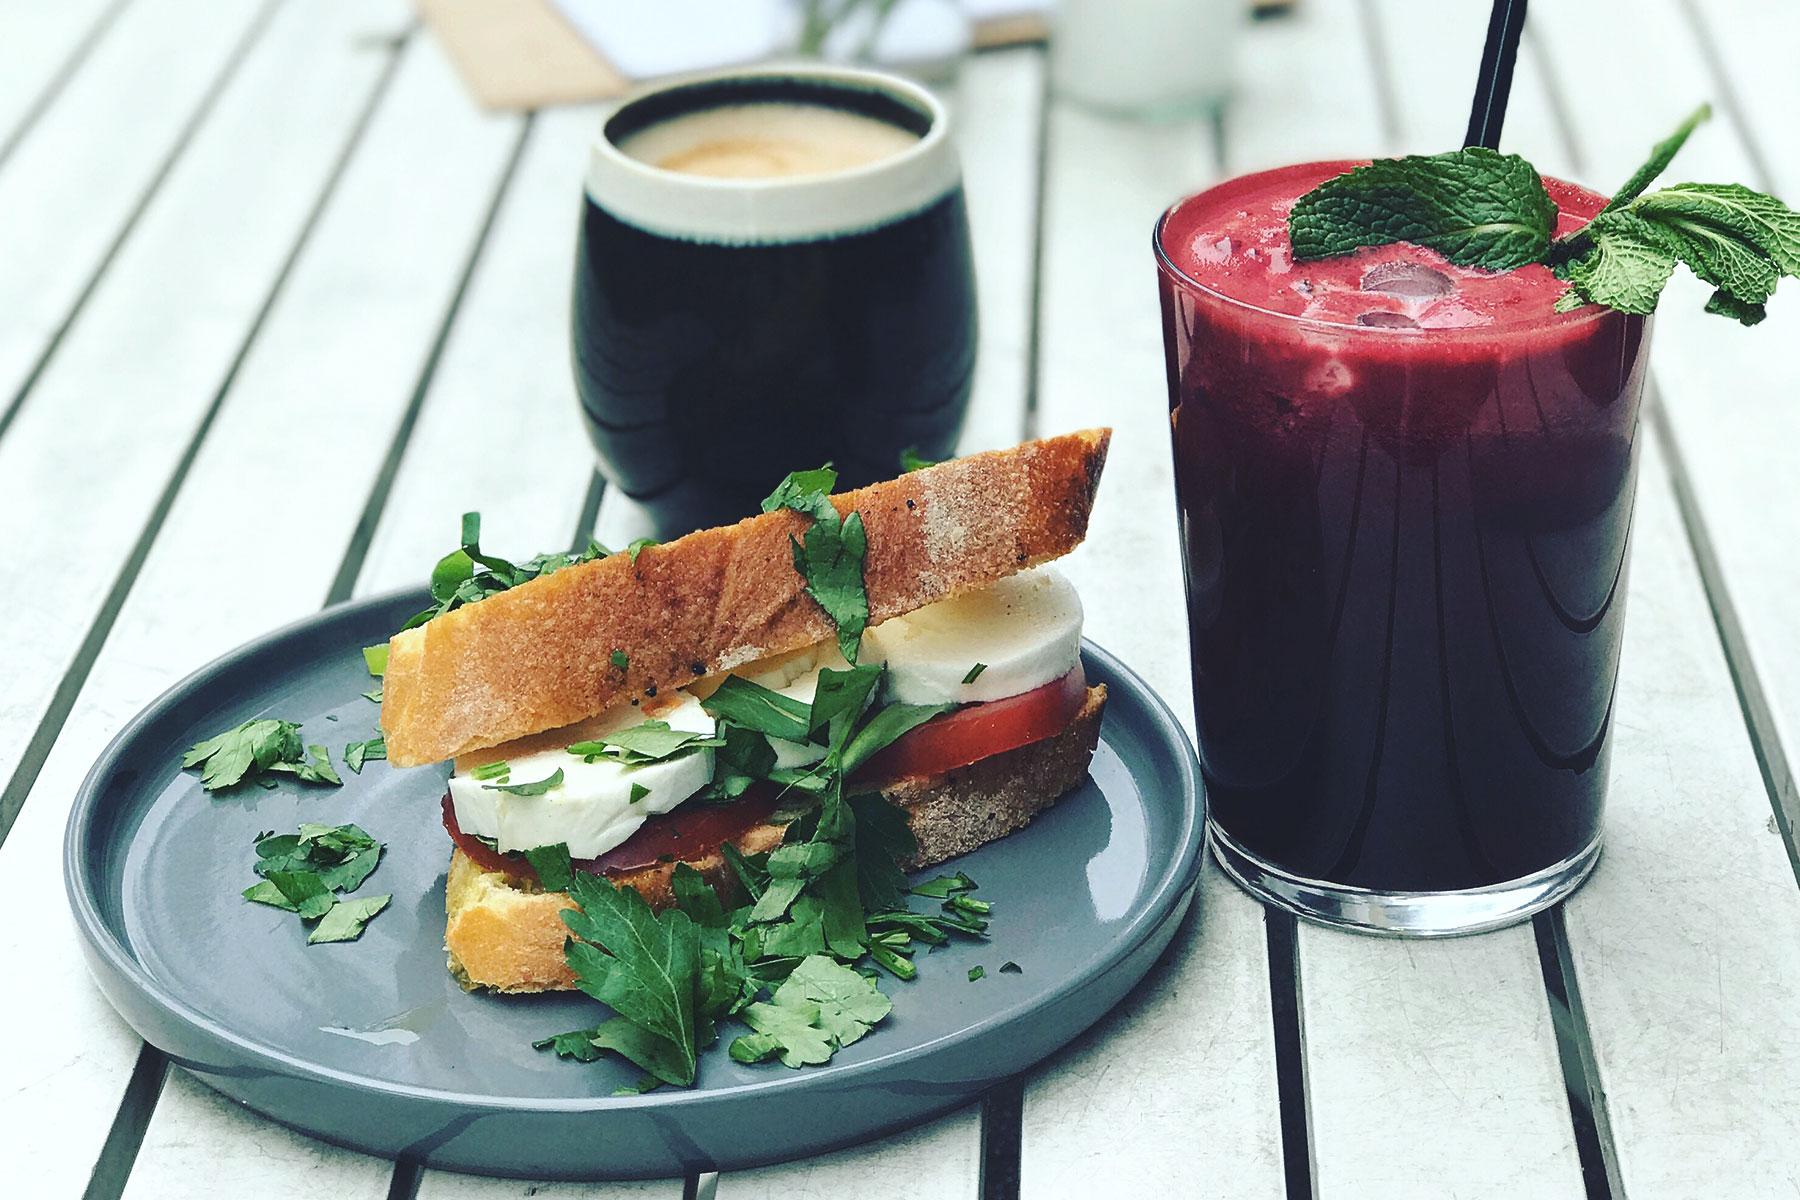 Geheimtipp Tipp Koeln Kaffee und Kuchen Café Frühstück